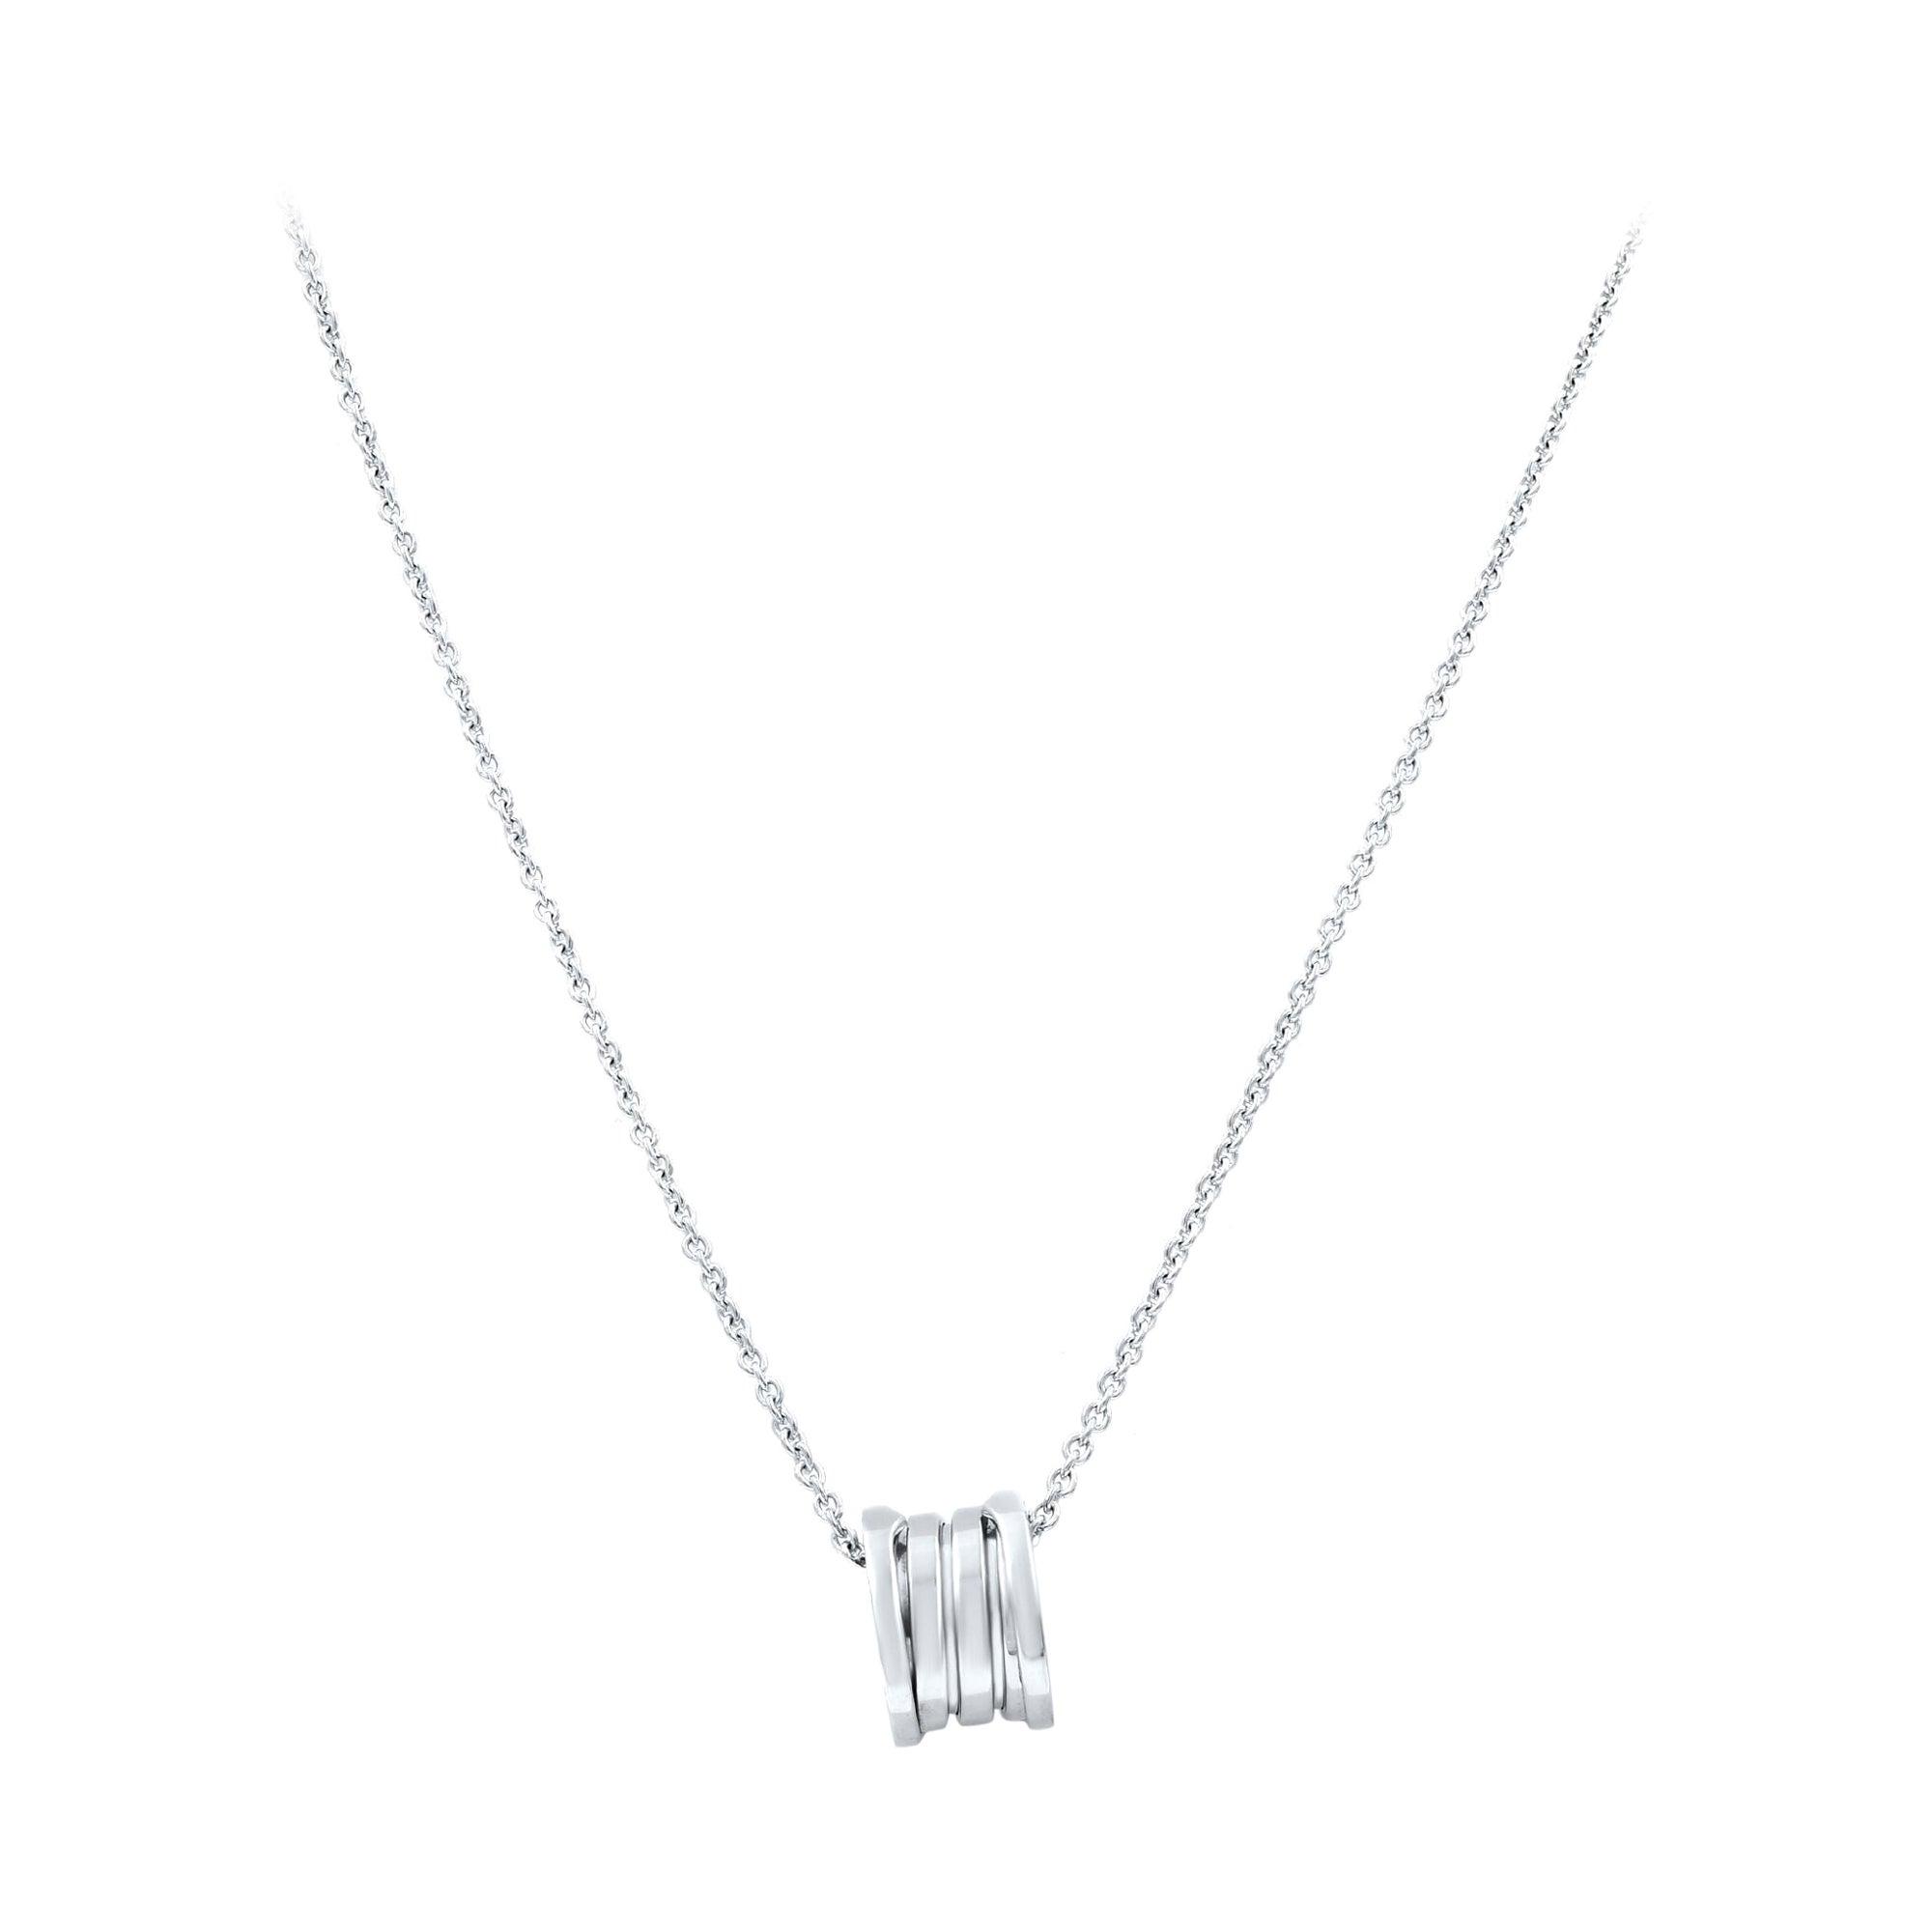 Bvlgari B.Zero1 18 Karat White Gold Pendant Necklace